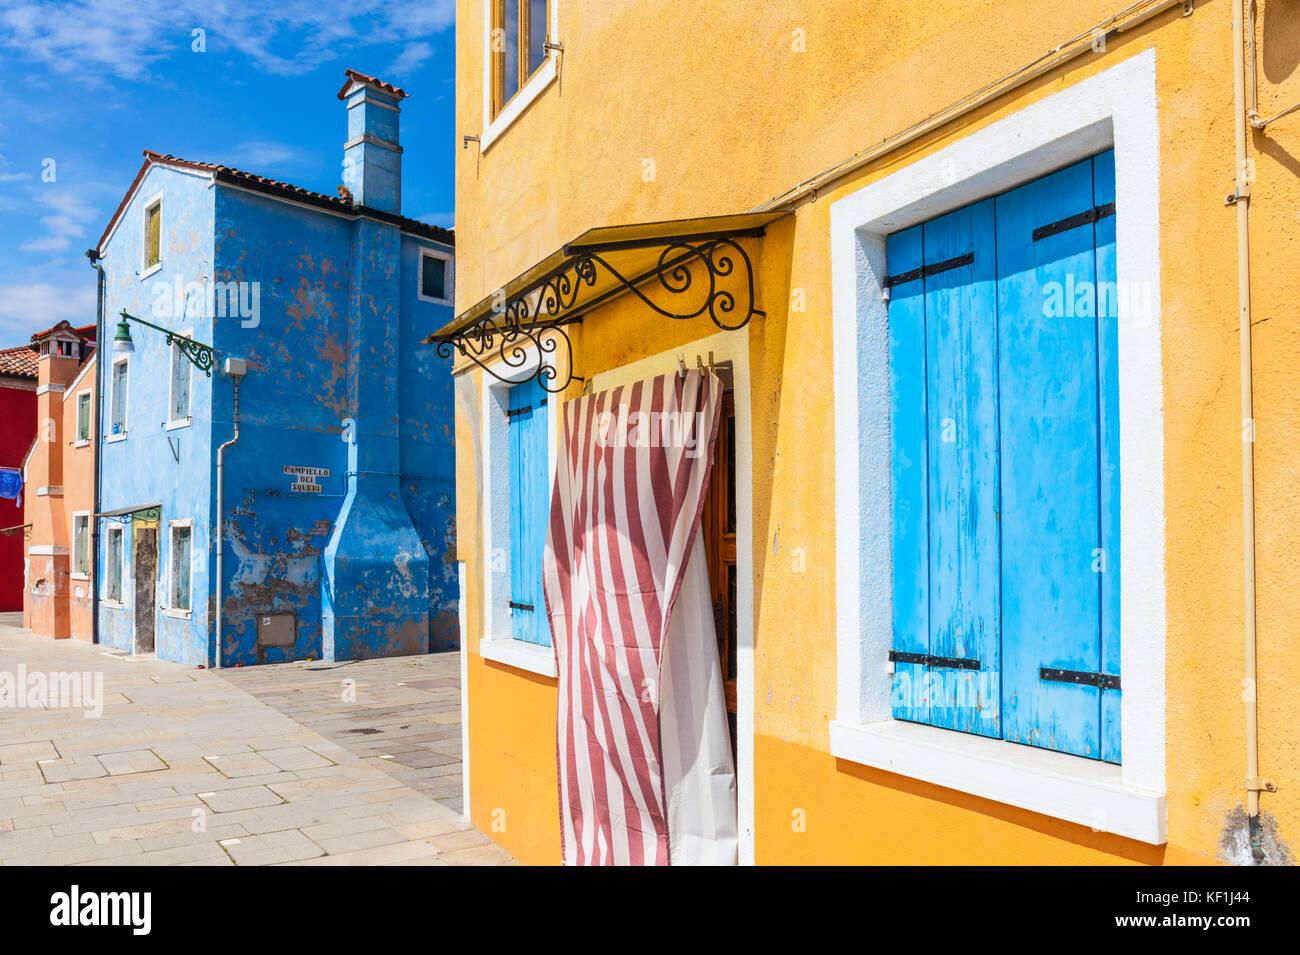 Venise ITALIE VENISE maisons de pêcheurs peint jaune ou bleu chambre avec porte en bois volets bleus Ile de Photo Stock